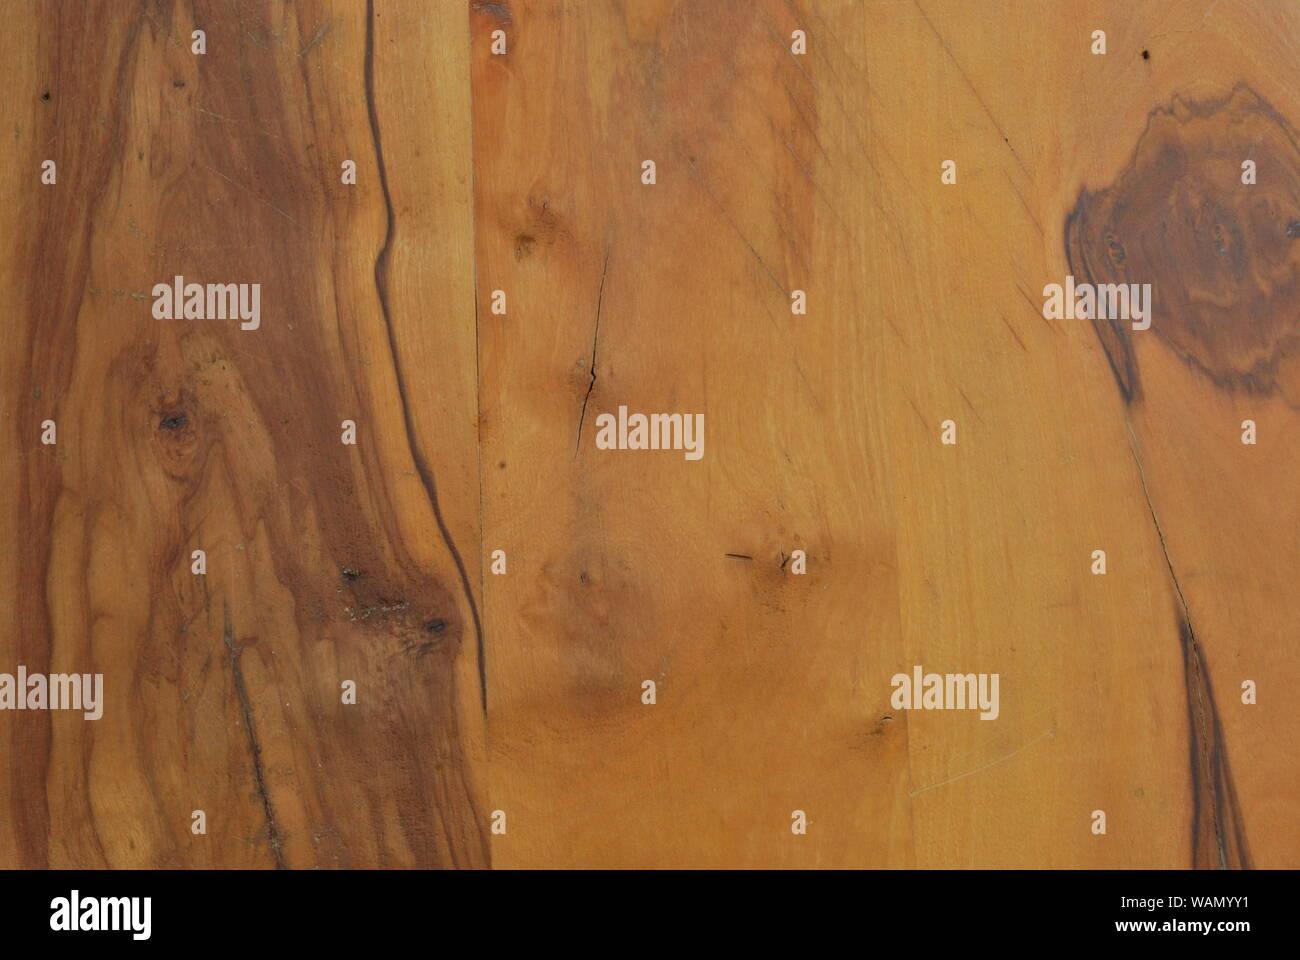 Sección de vetas de madera Foto de stock